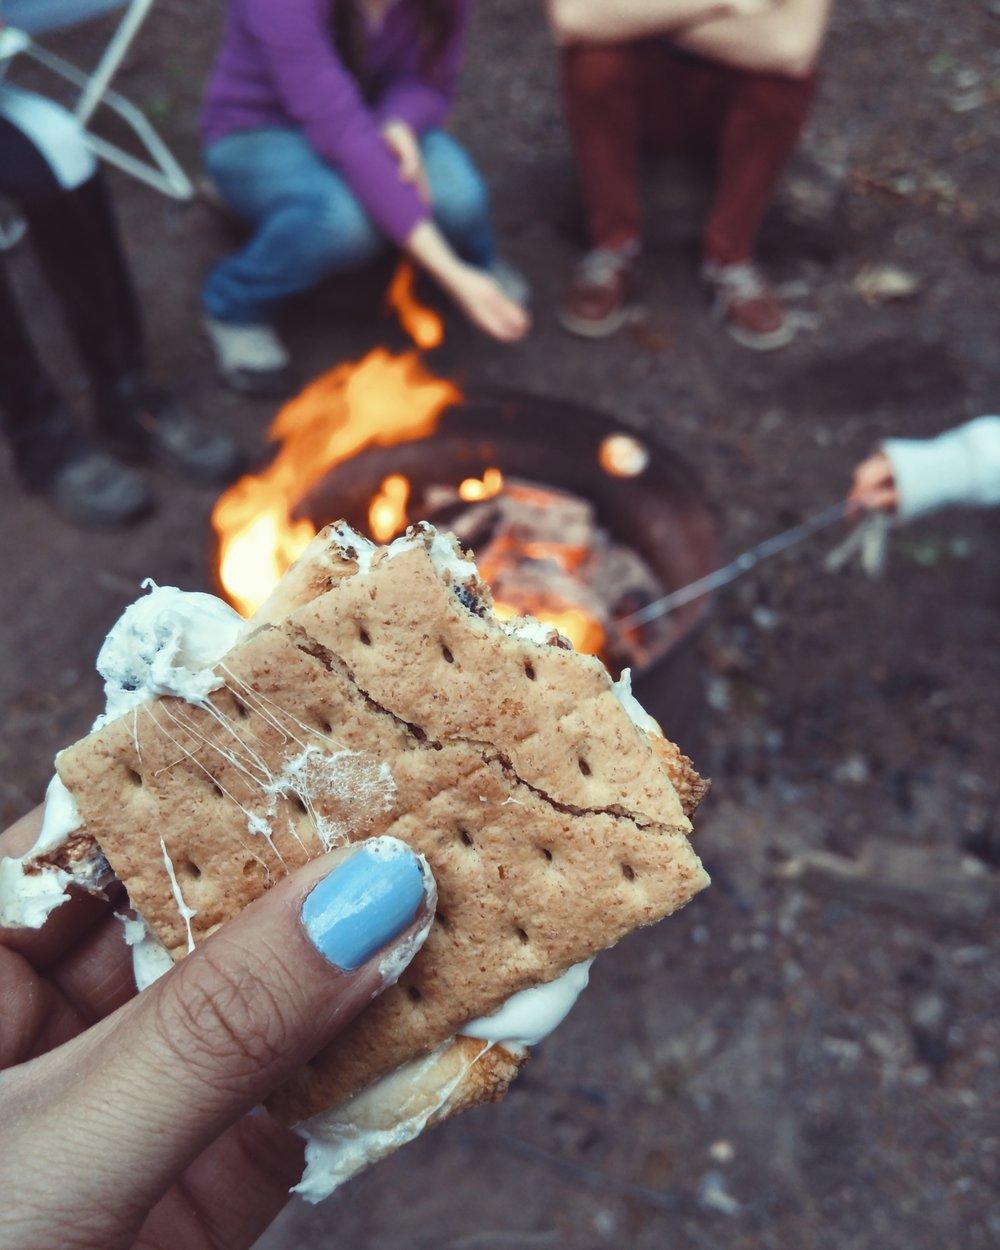 vegan_smores_desserts_for_picnics_and_vegan_barbecues.jpg